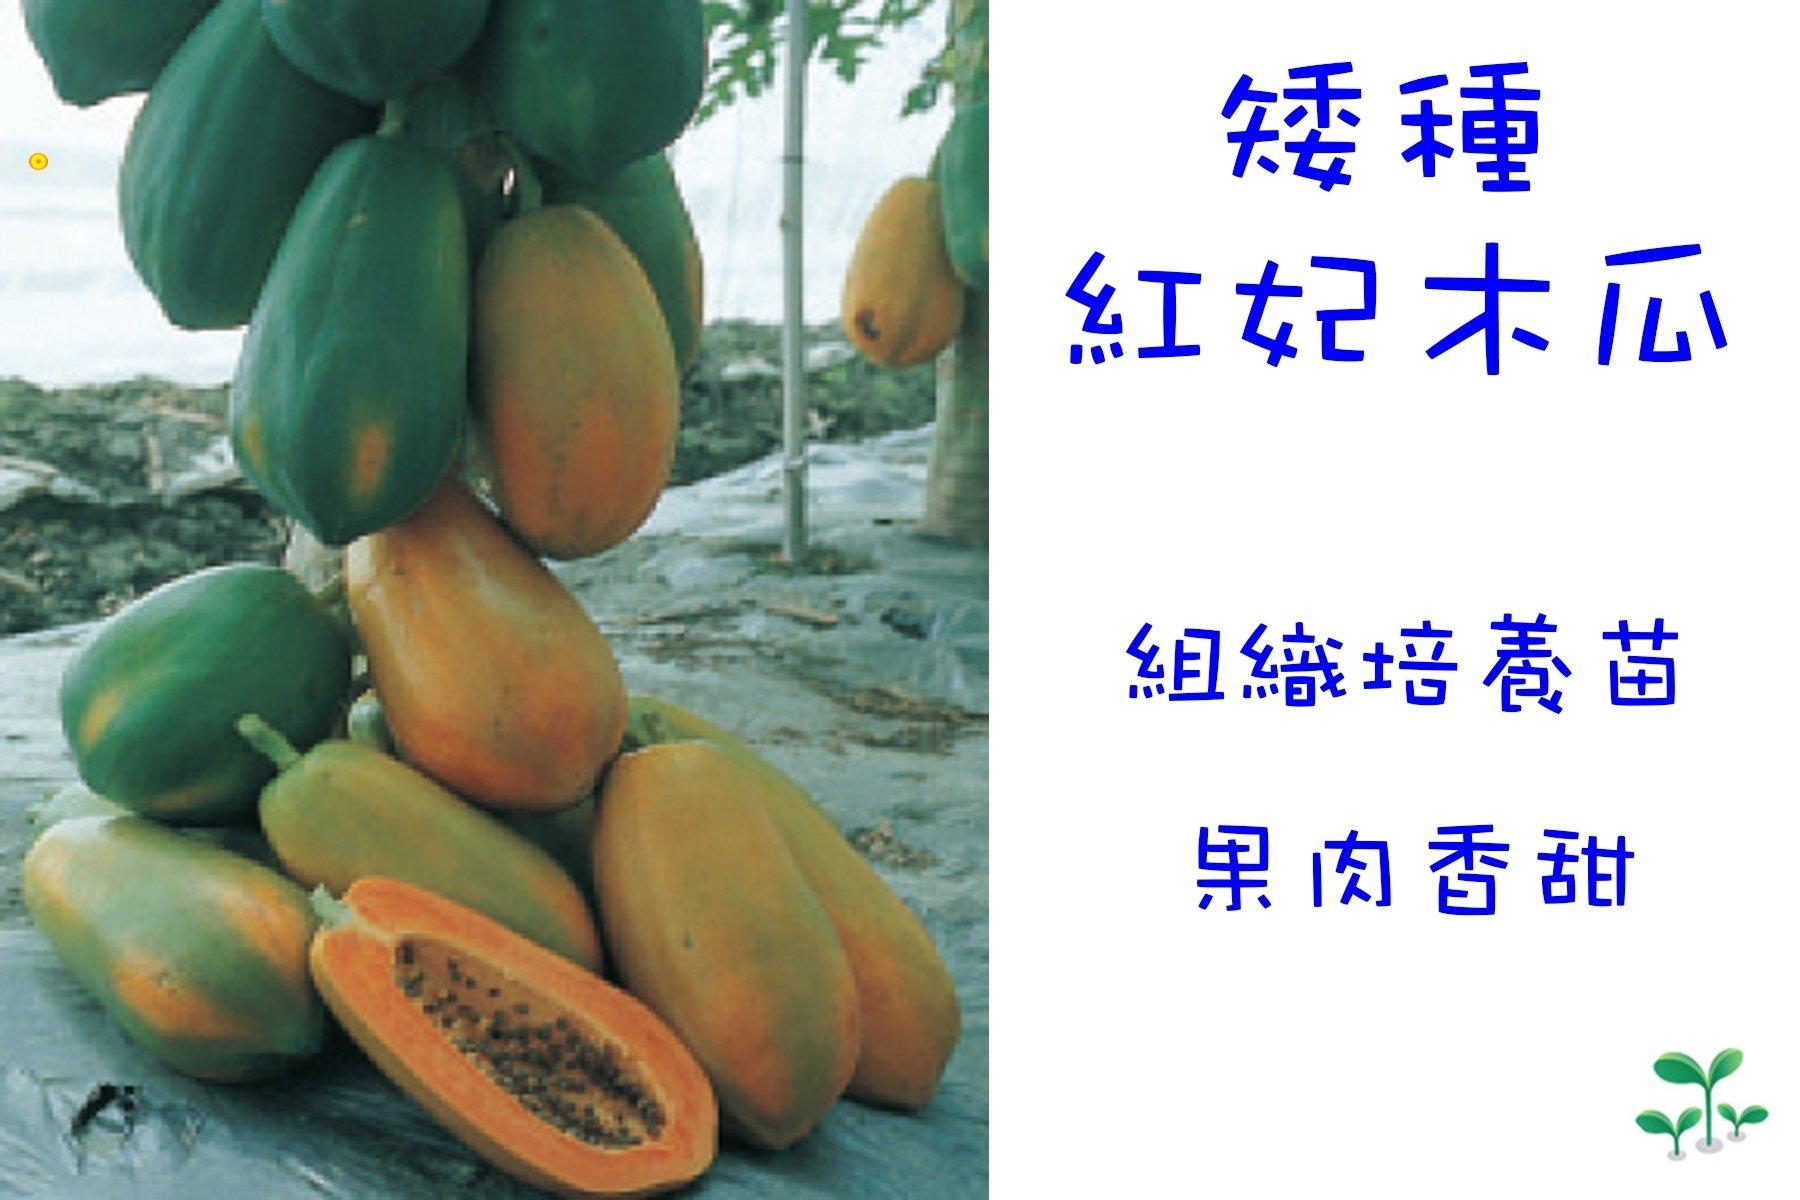 紅妃木瓜 組織培養苗 種苗